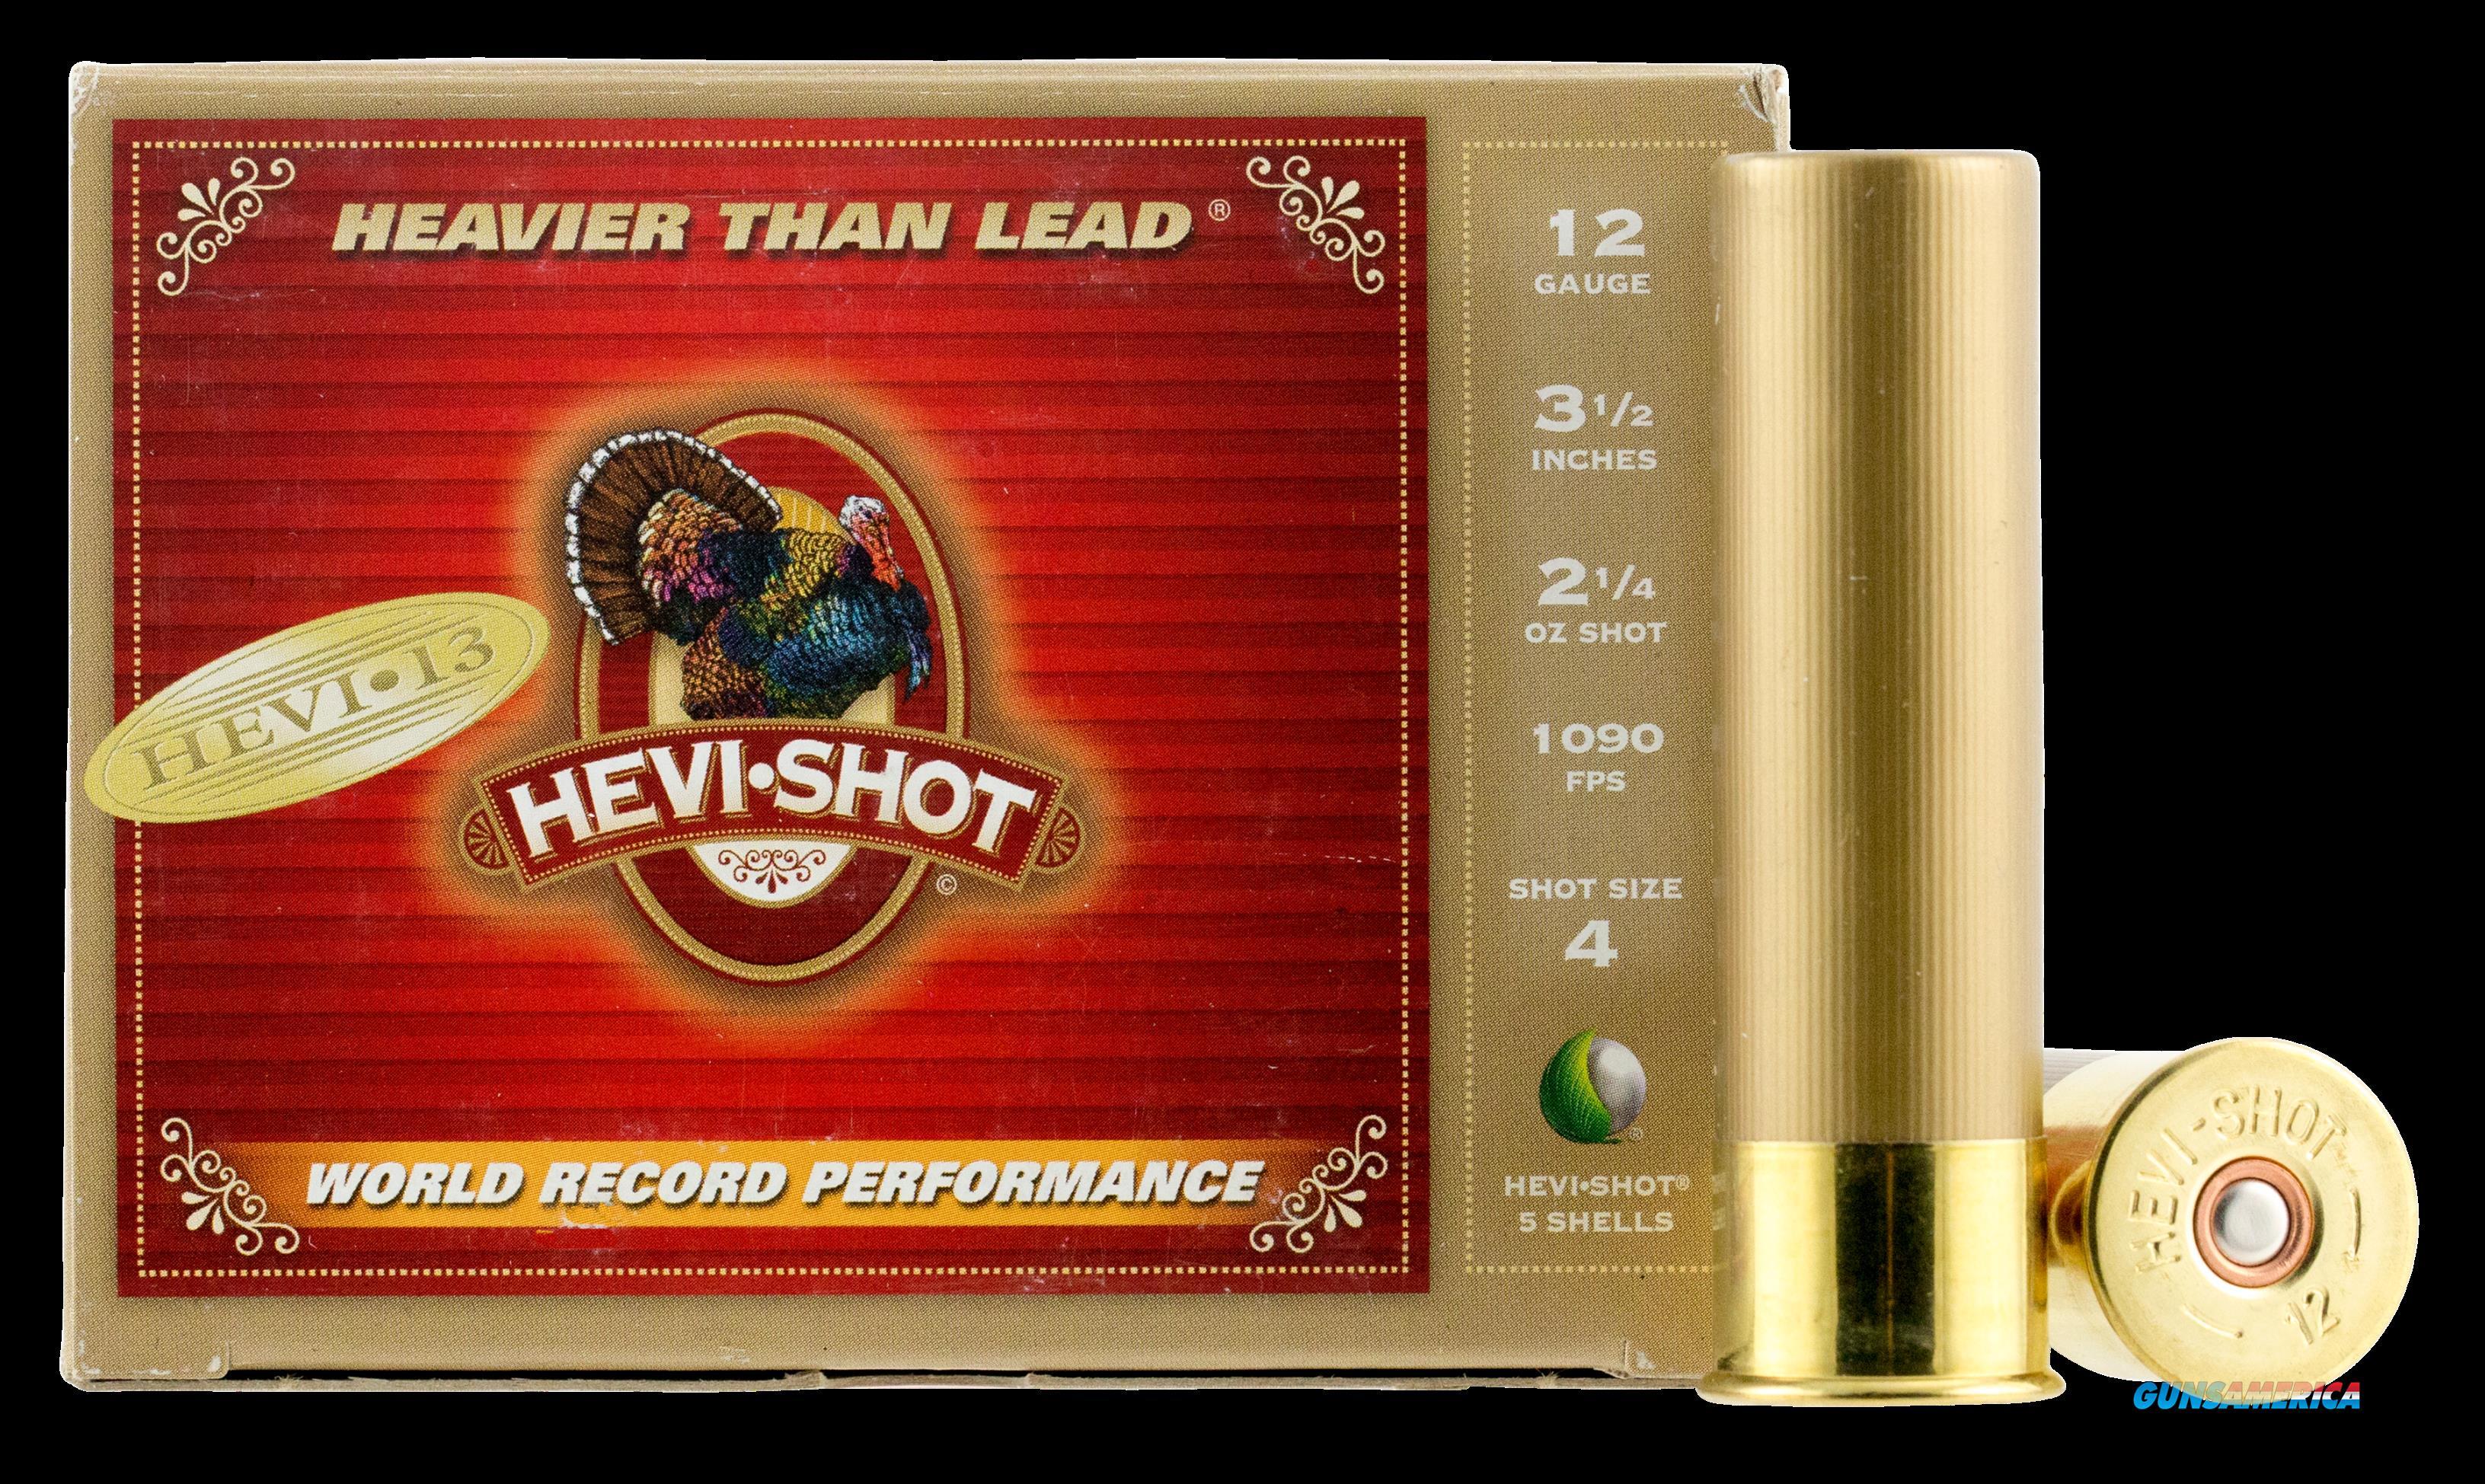 Hevishot Hevi-13, Hevi 43524 Tky Hevi13   12 3.5  4 21-4 5-10  Guns > Pistols > 1911 Pistol Copies (non-Colt)